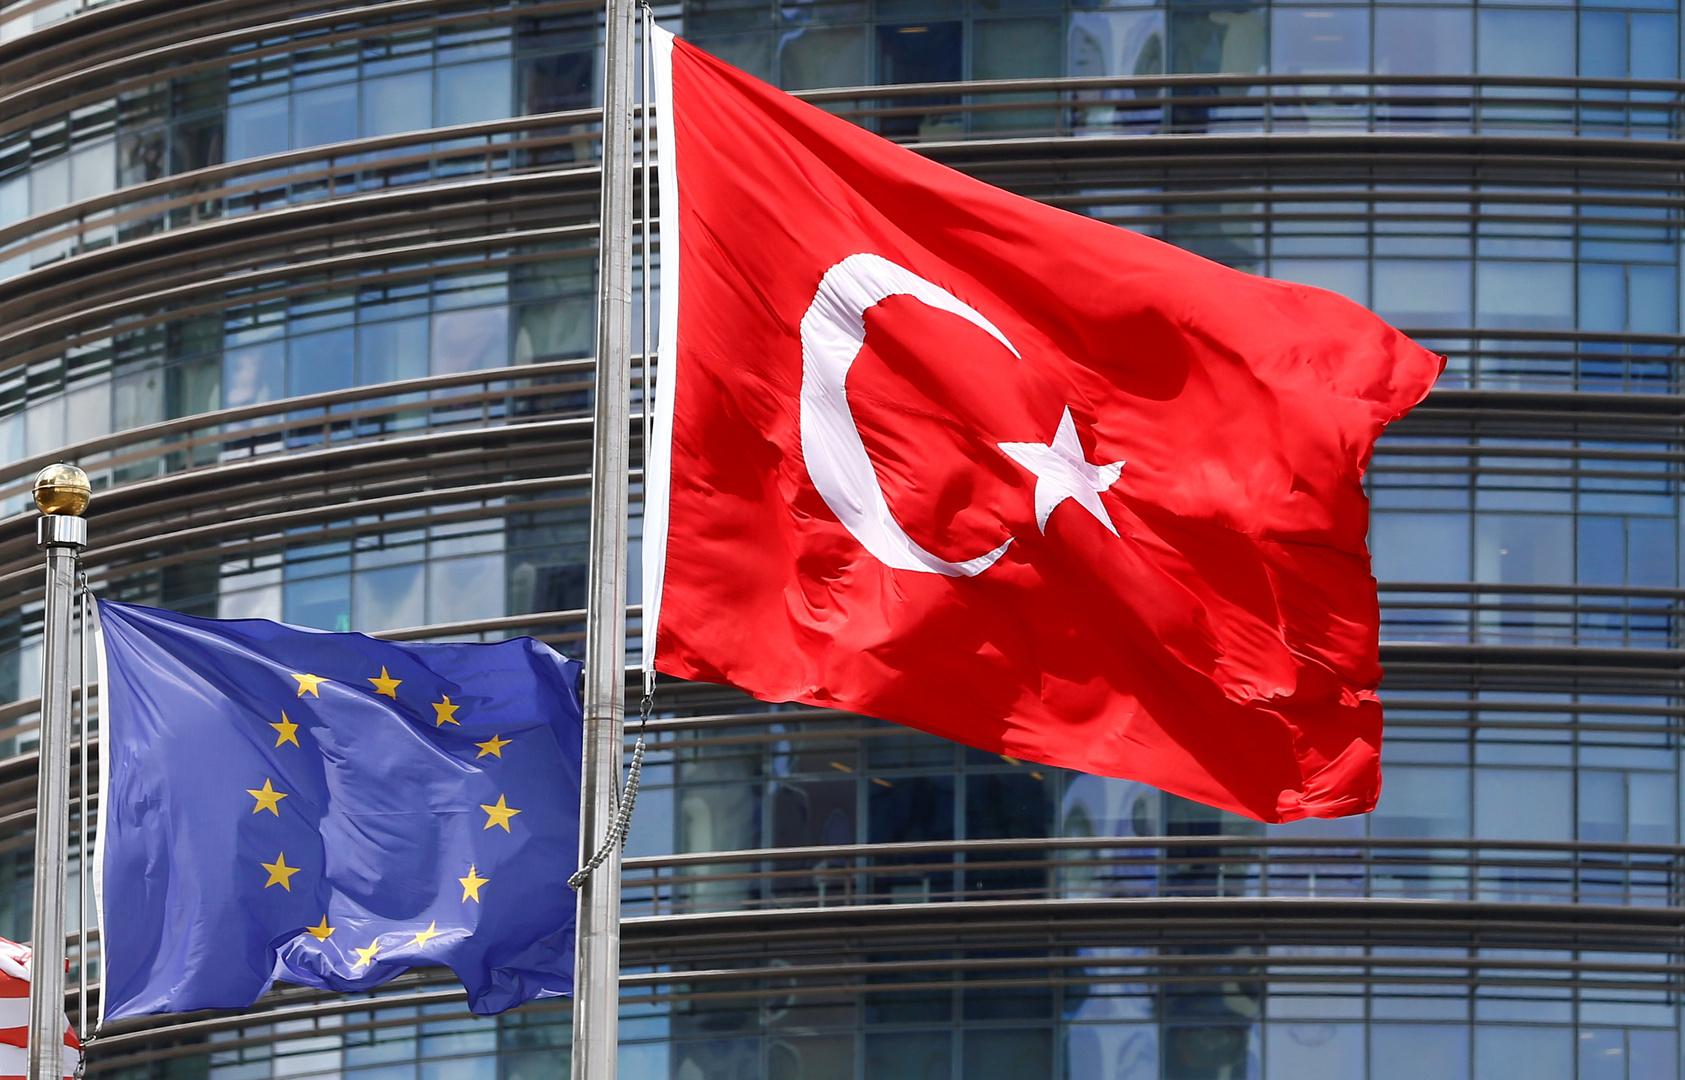 المحكمة الأوروبية لحقوق الإنسان تدين تركيا لانتهاكها حرية التعبير